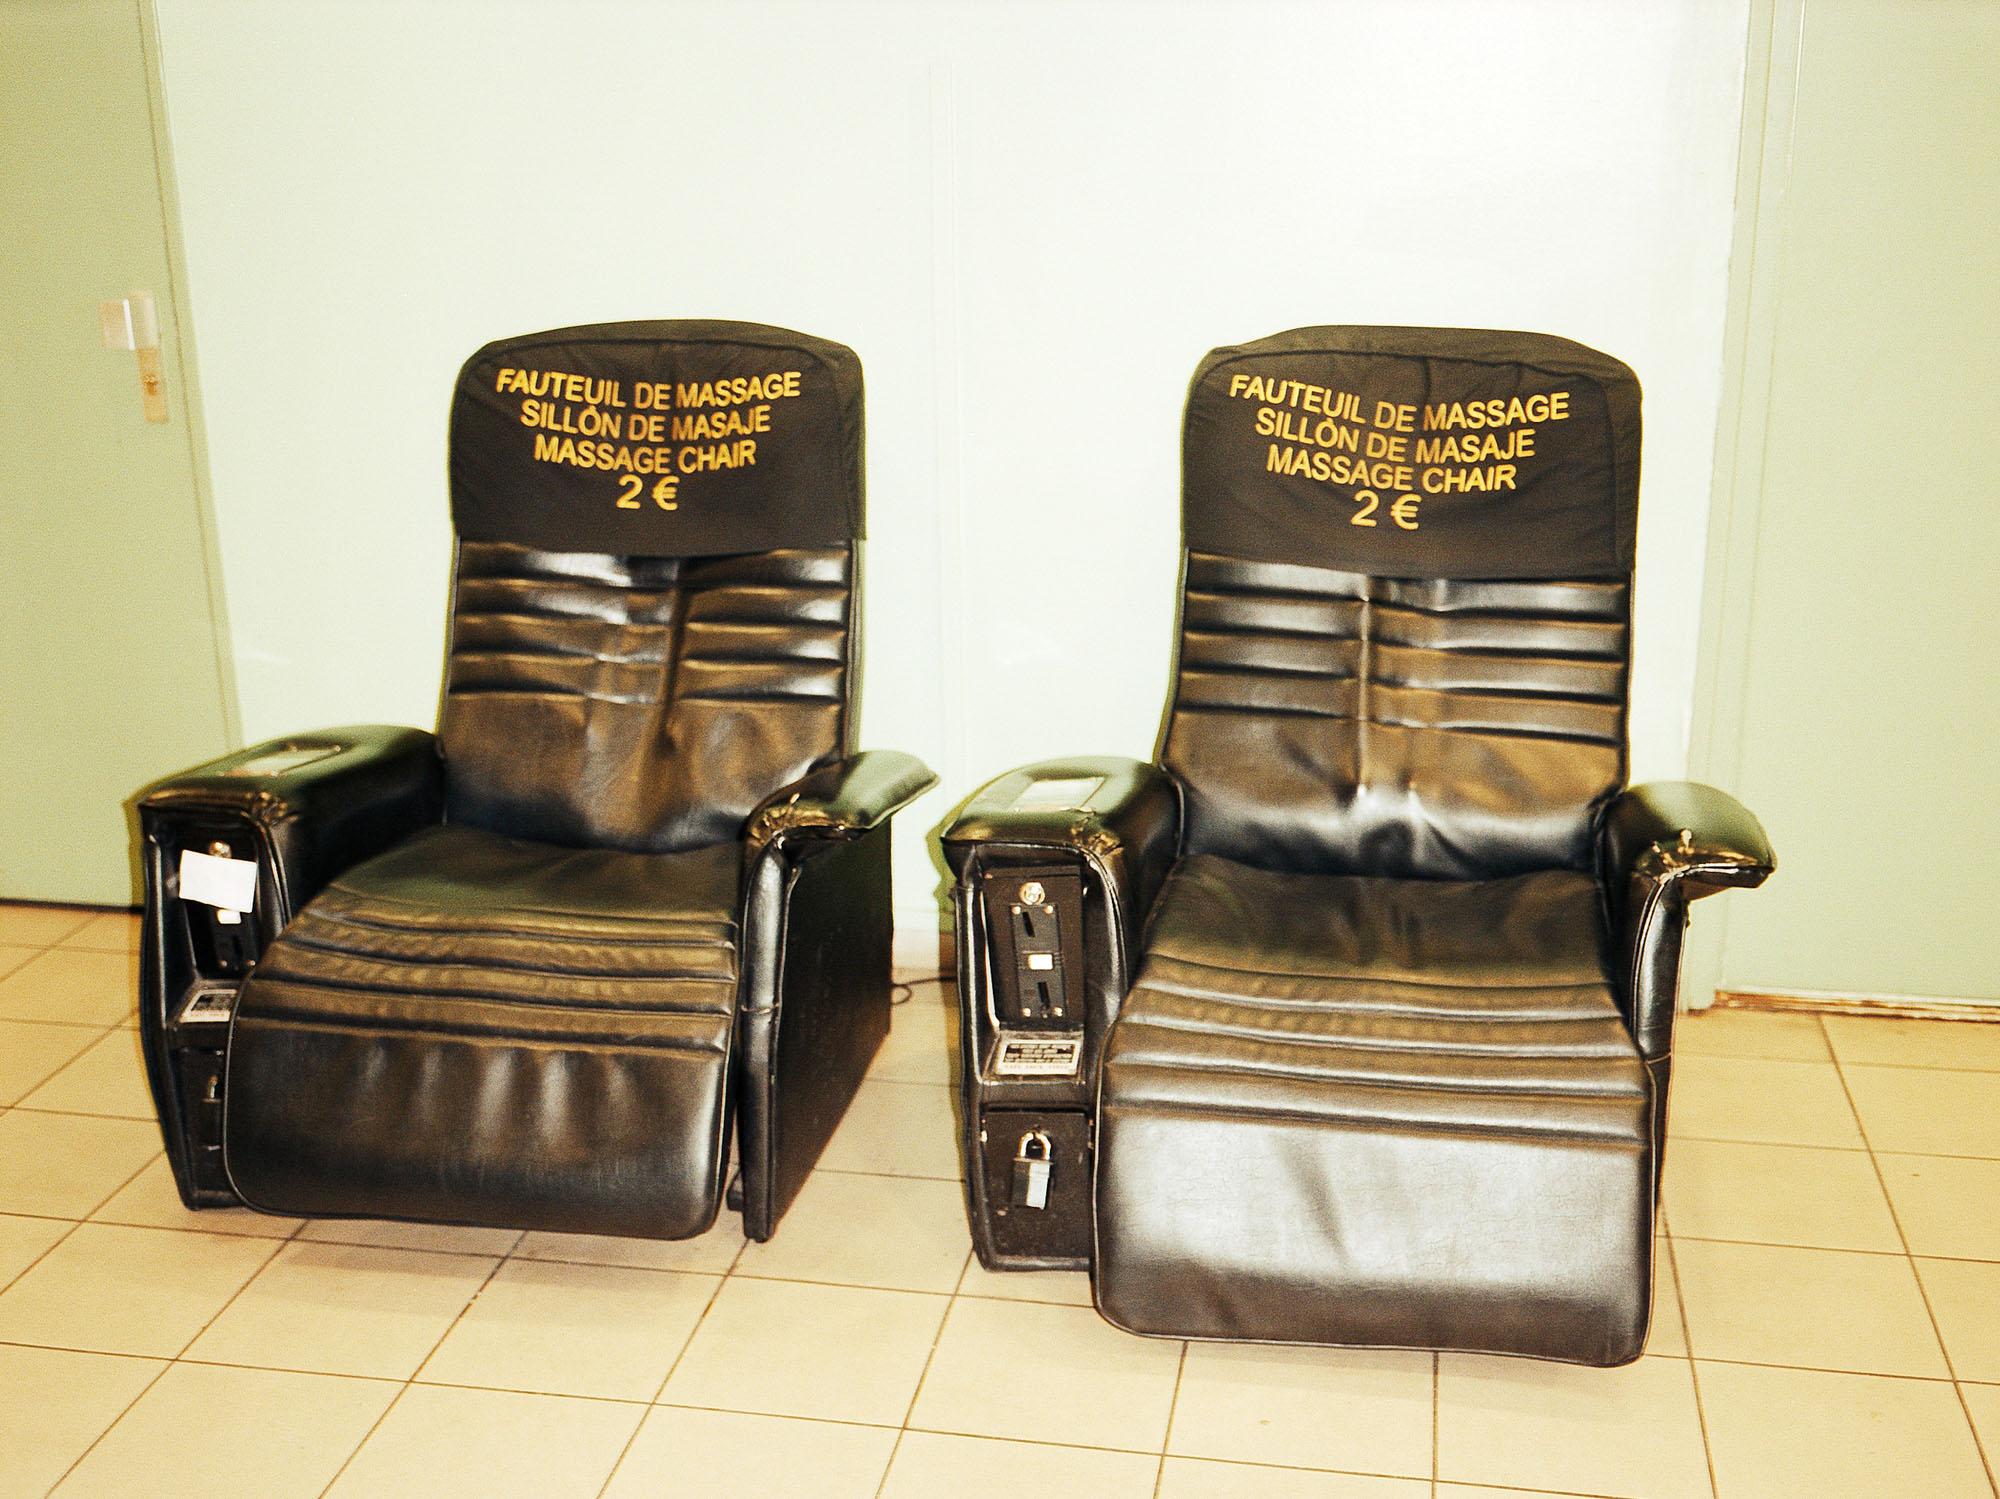 """Extrait de la série """"du goudron"""". Fauteils de massage dans une aire de repos sur une autoroute en France. 2 euros. Pierre-Yves Massot / realeyes.ch"""